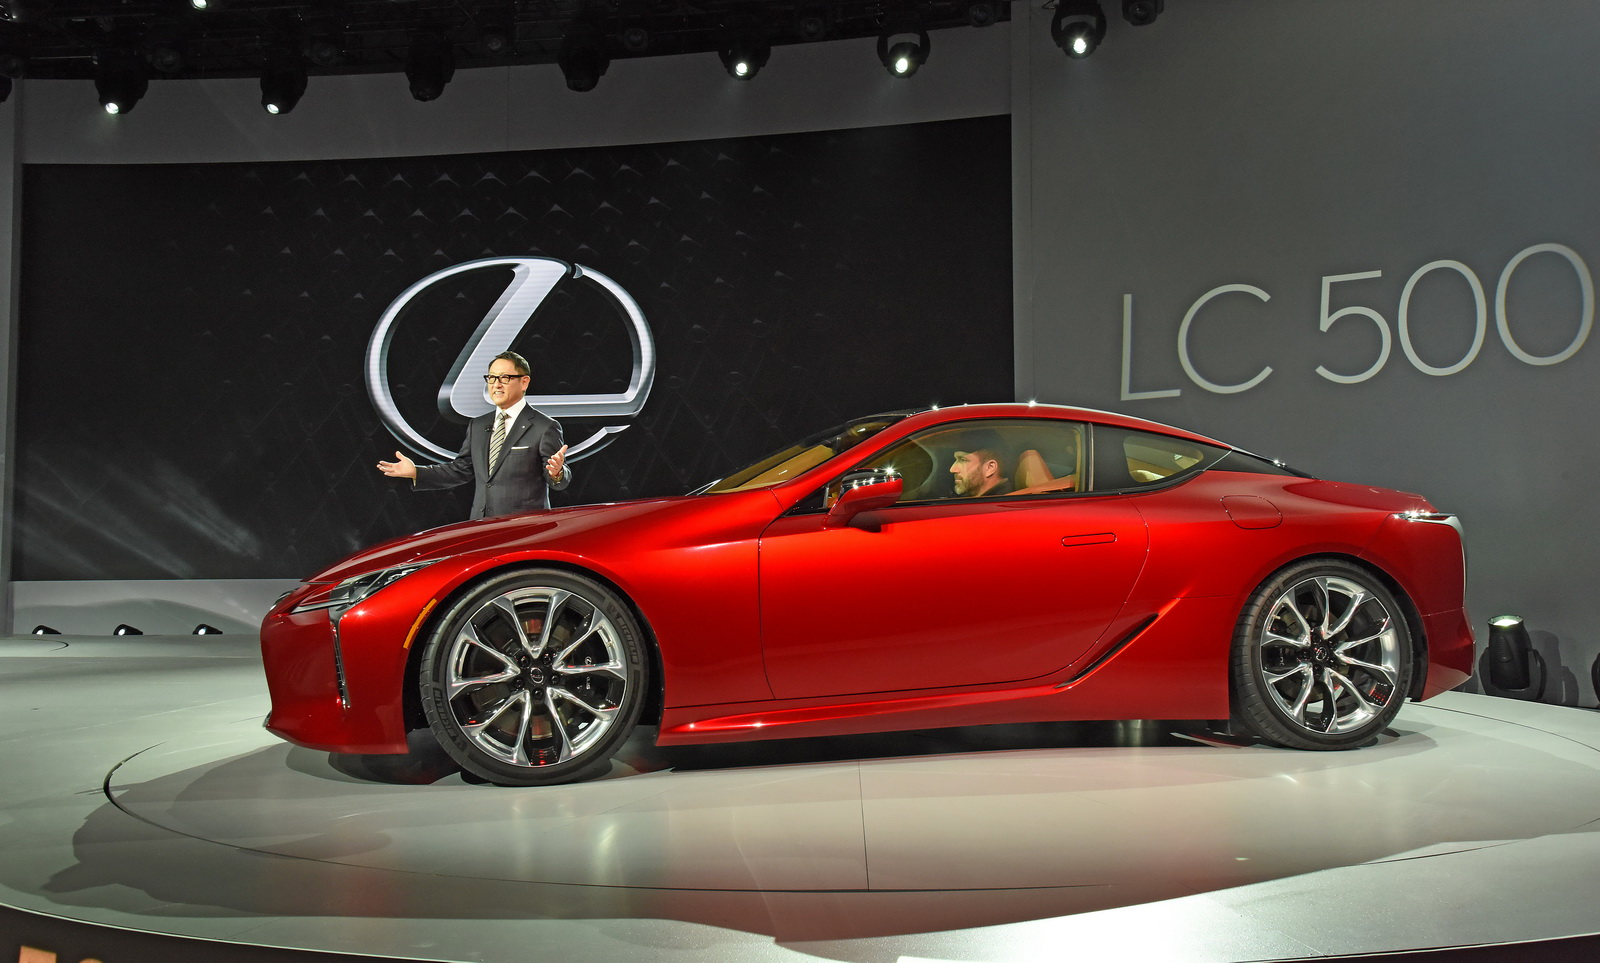 Lexus LC 500, part 500